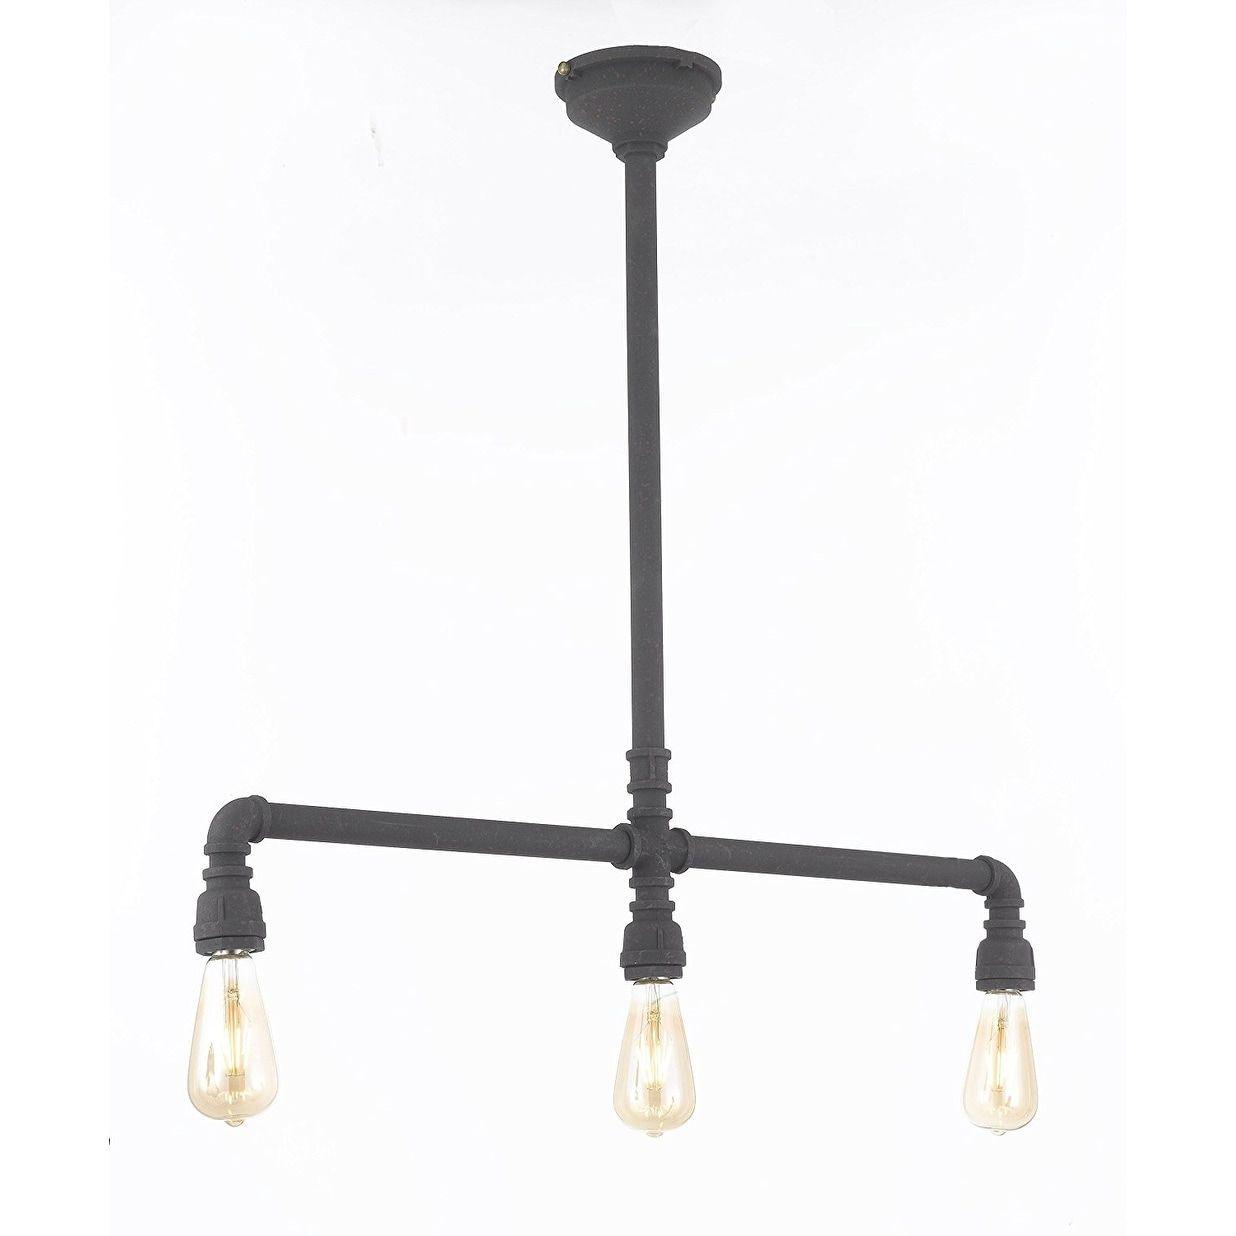 Gallery vintage barn metal pendant chandelier industrial rustic pipe